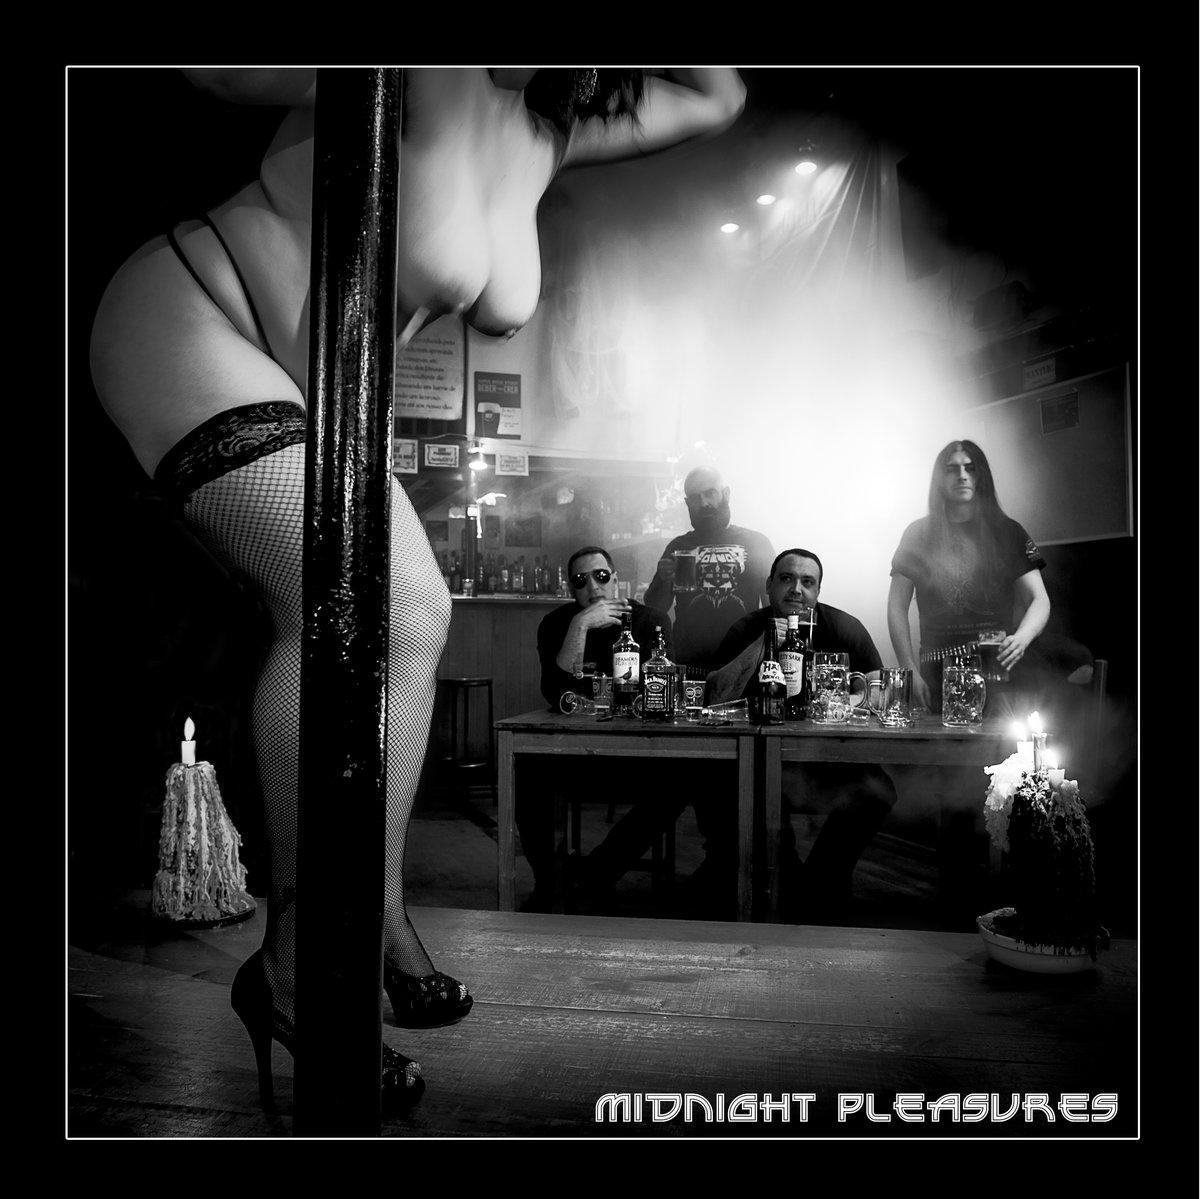 Secular pleasures